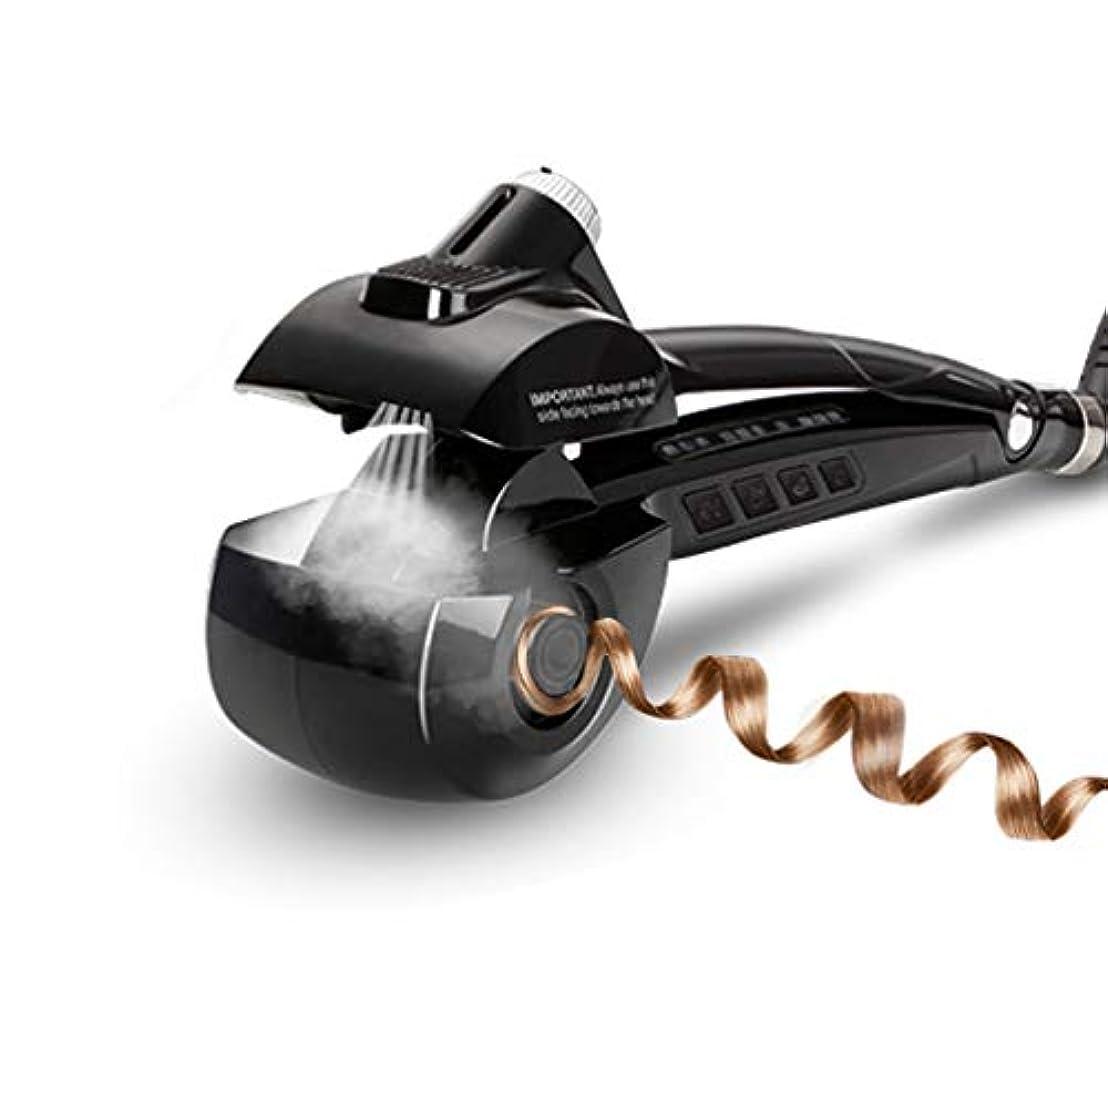 反対する巻き取りうなり声女性自動ヘアカーラースチームヘアカーラーセラミックカールマシンアンチもつれヘアスチームセラミックカーリングワンド自動カーリングワンドサロンプロフェッショナルツール